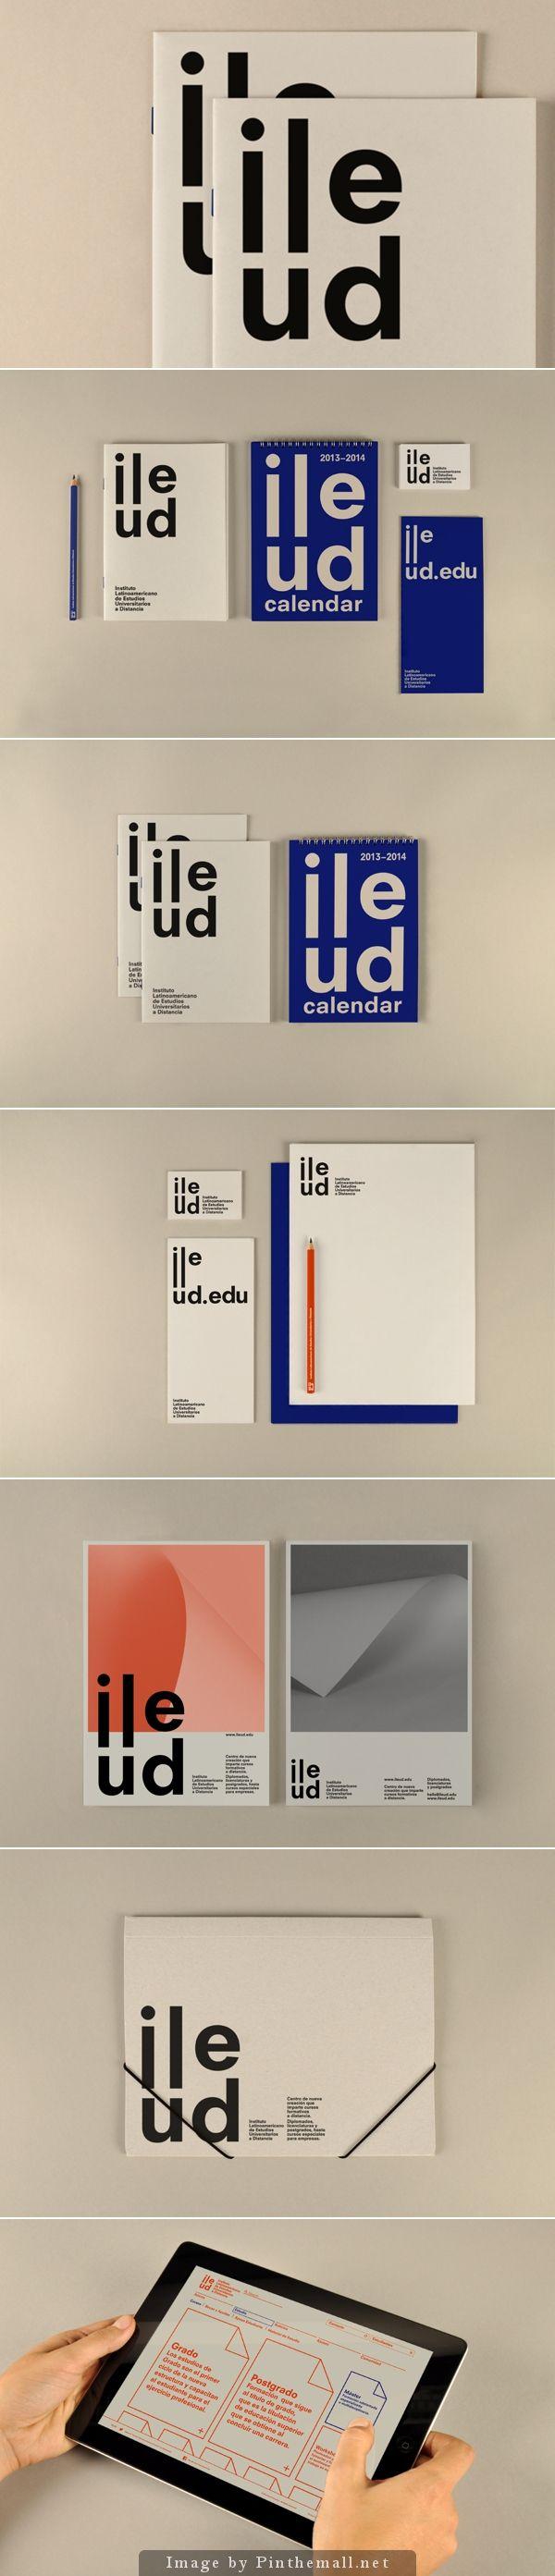 ILEUD by P.A.R, via Behance